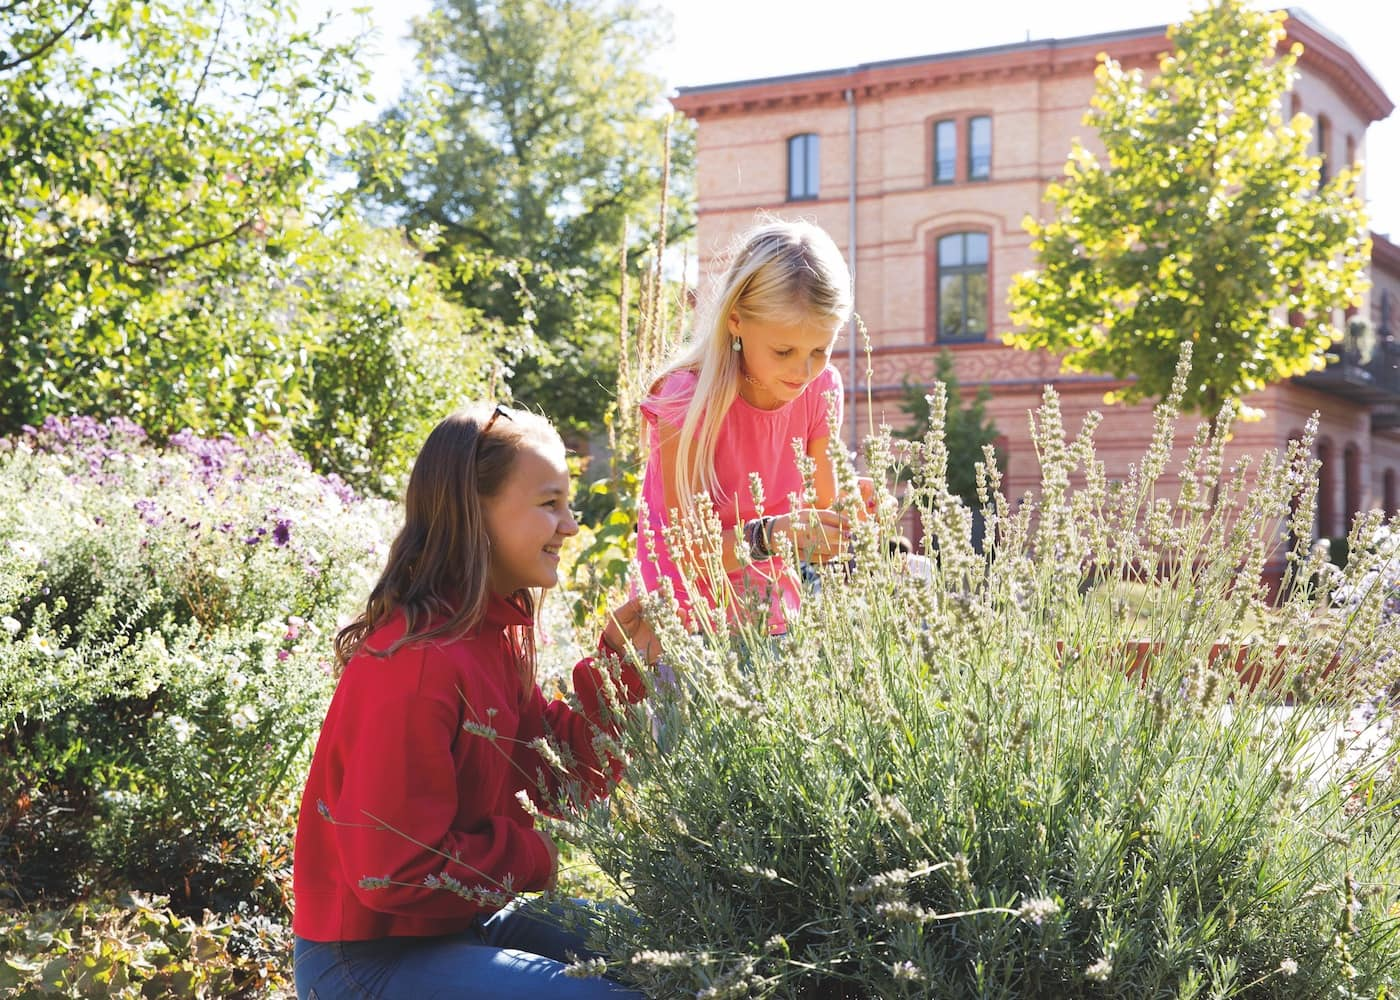 Landleben für Großstadtfamilien in Berlin: Wohnen im Gemeinschaftsprojekt mit Gartenflächen // HIMBEER